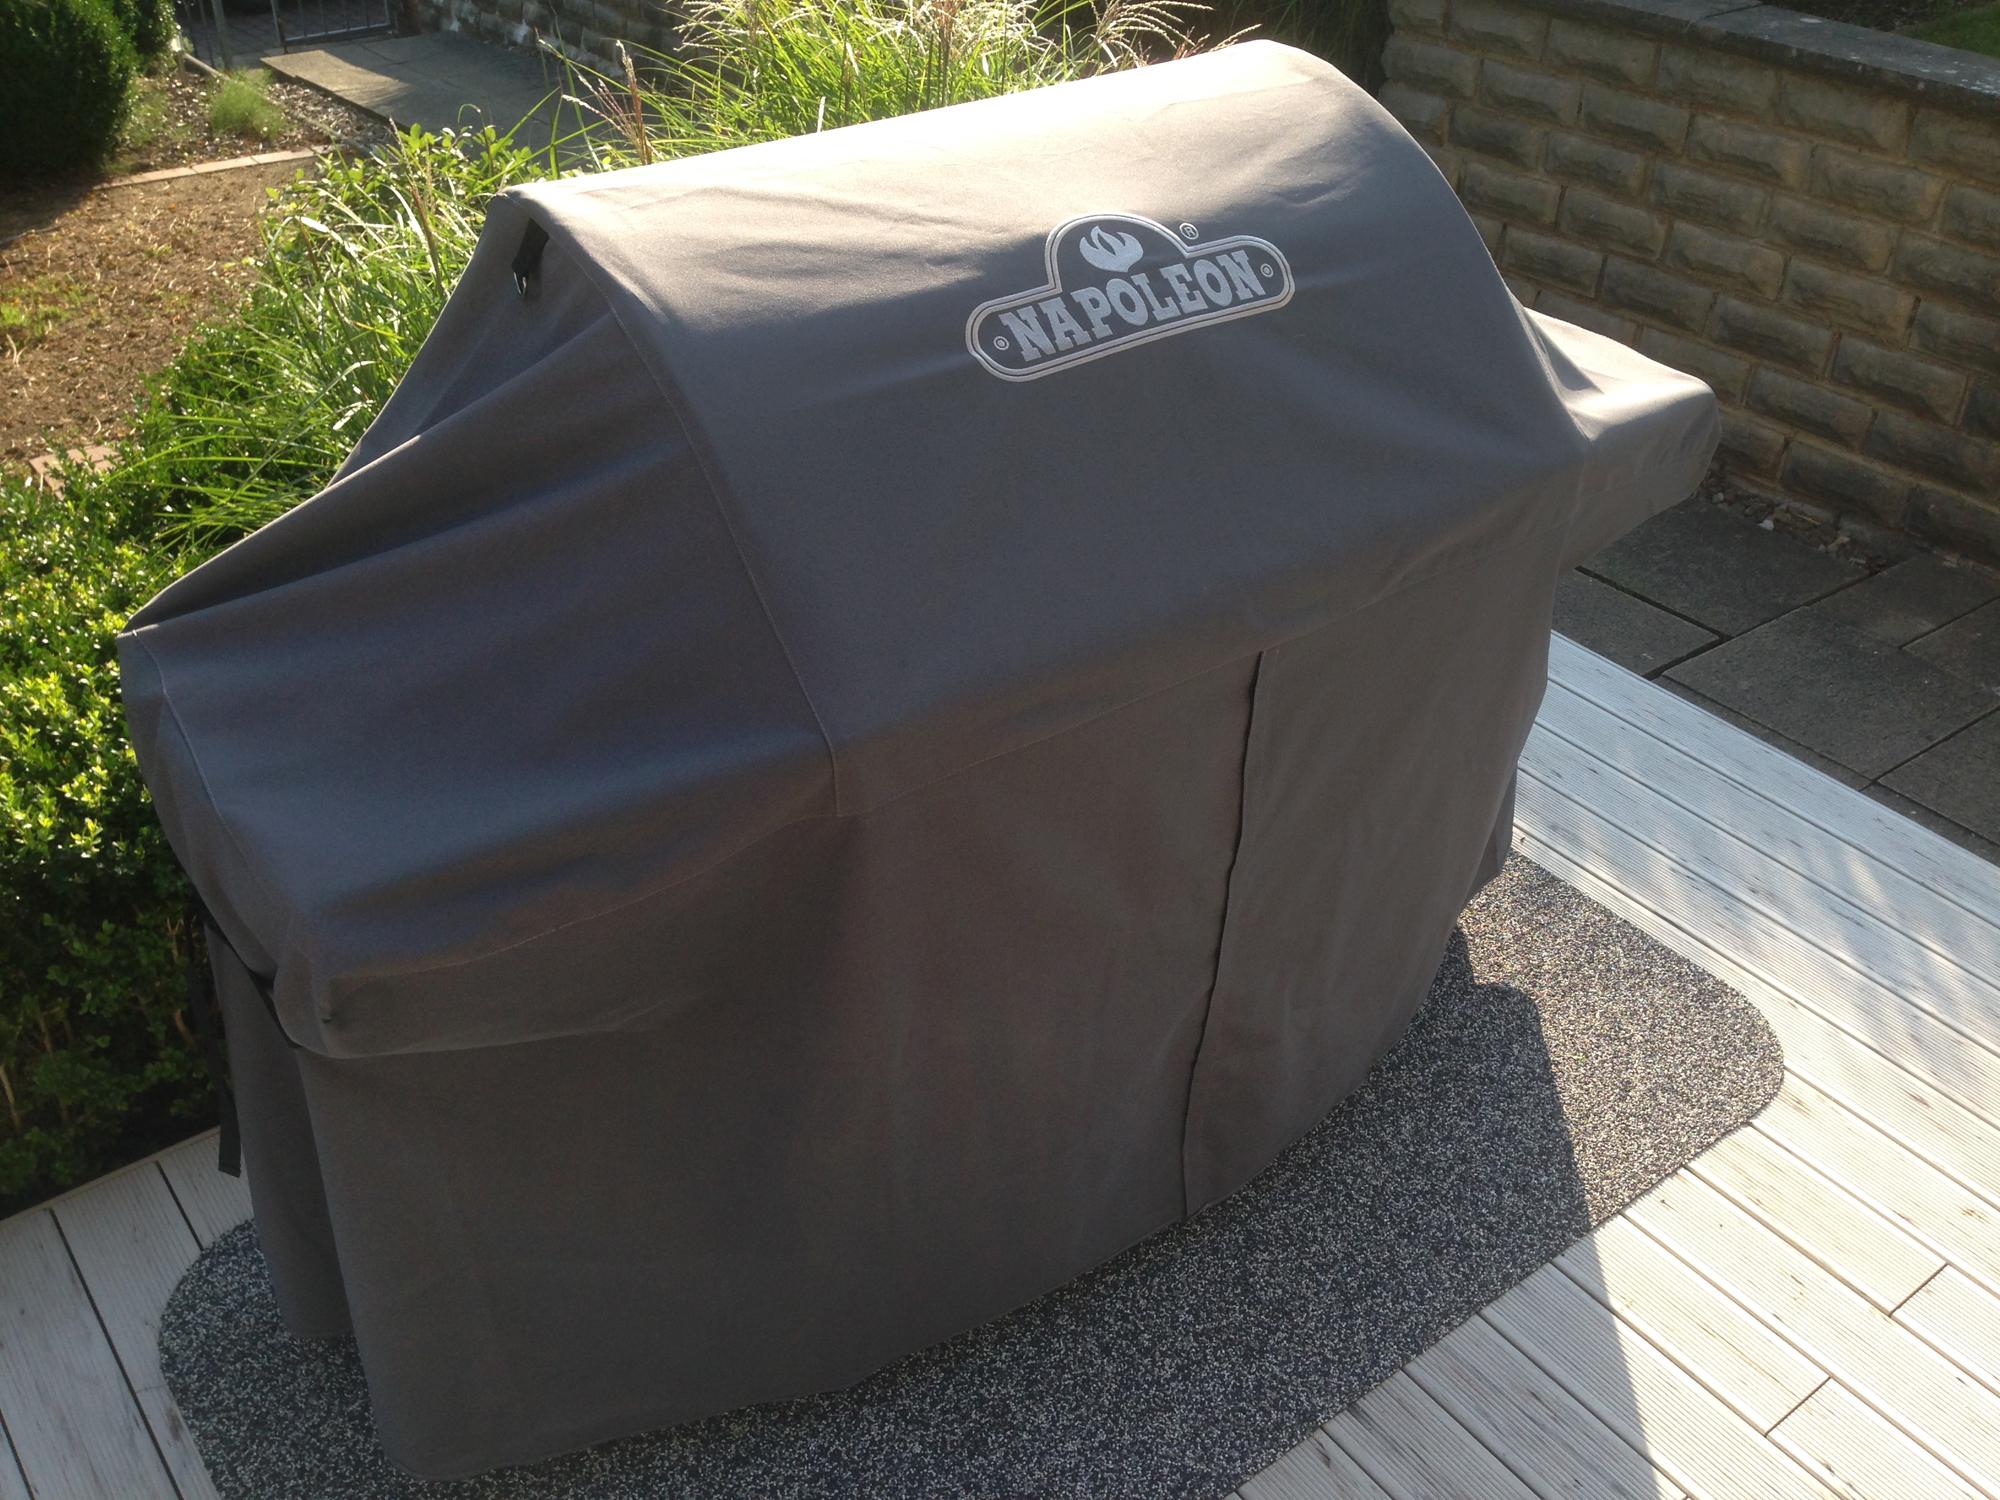 Aldi Holzkohlegrill Kaufen : Abdeckhauben passende abdeckhaube für ihren grill kaufen